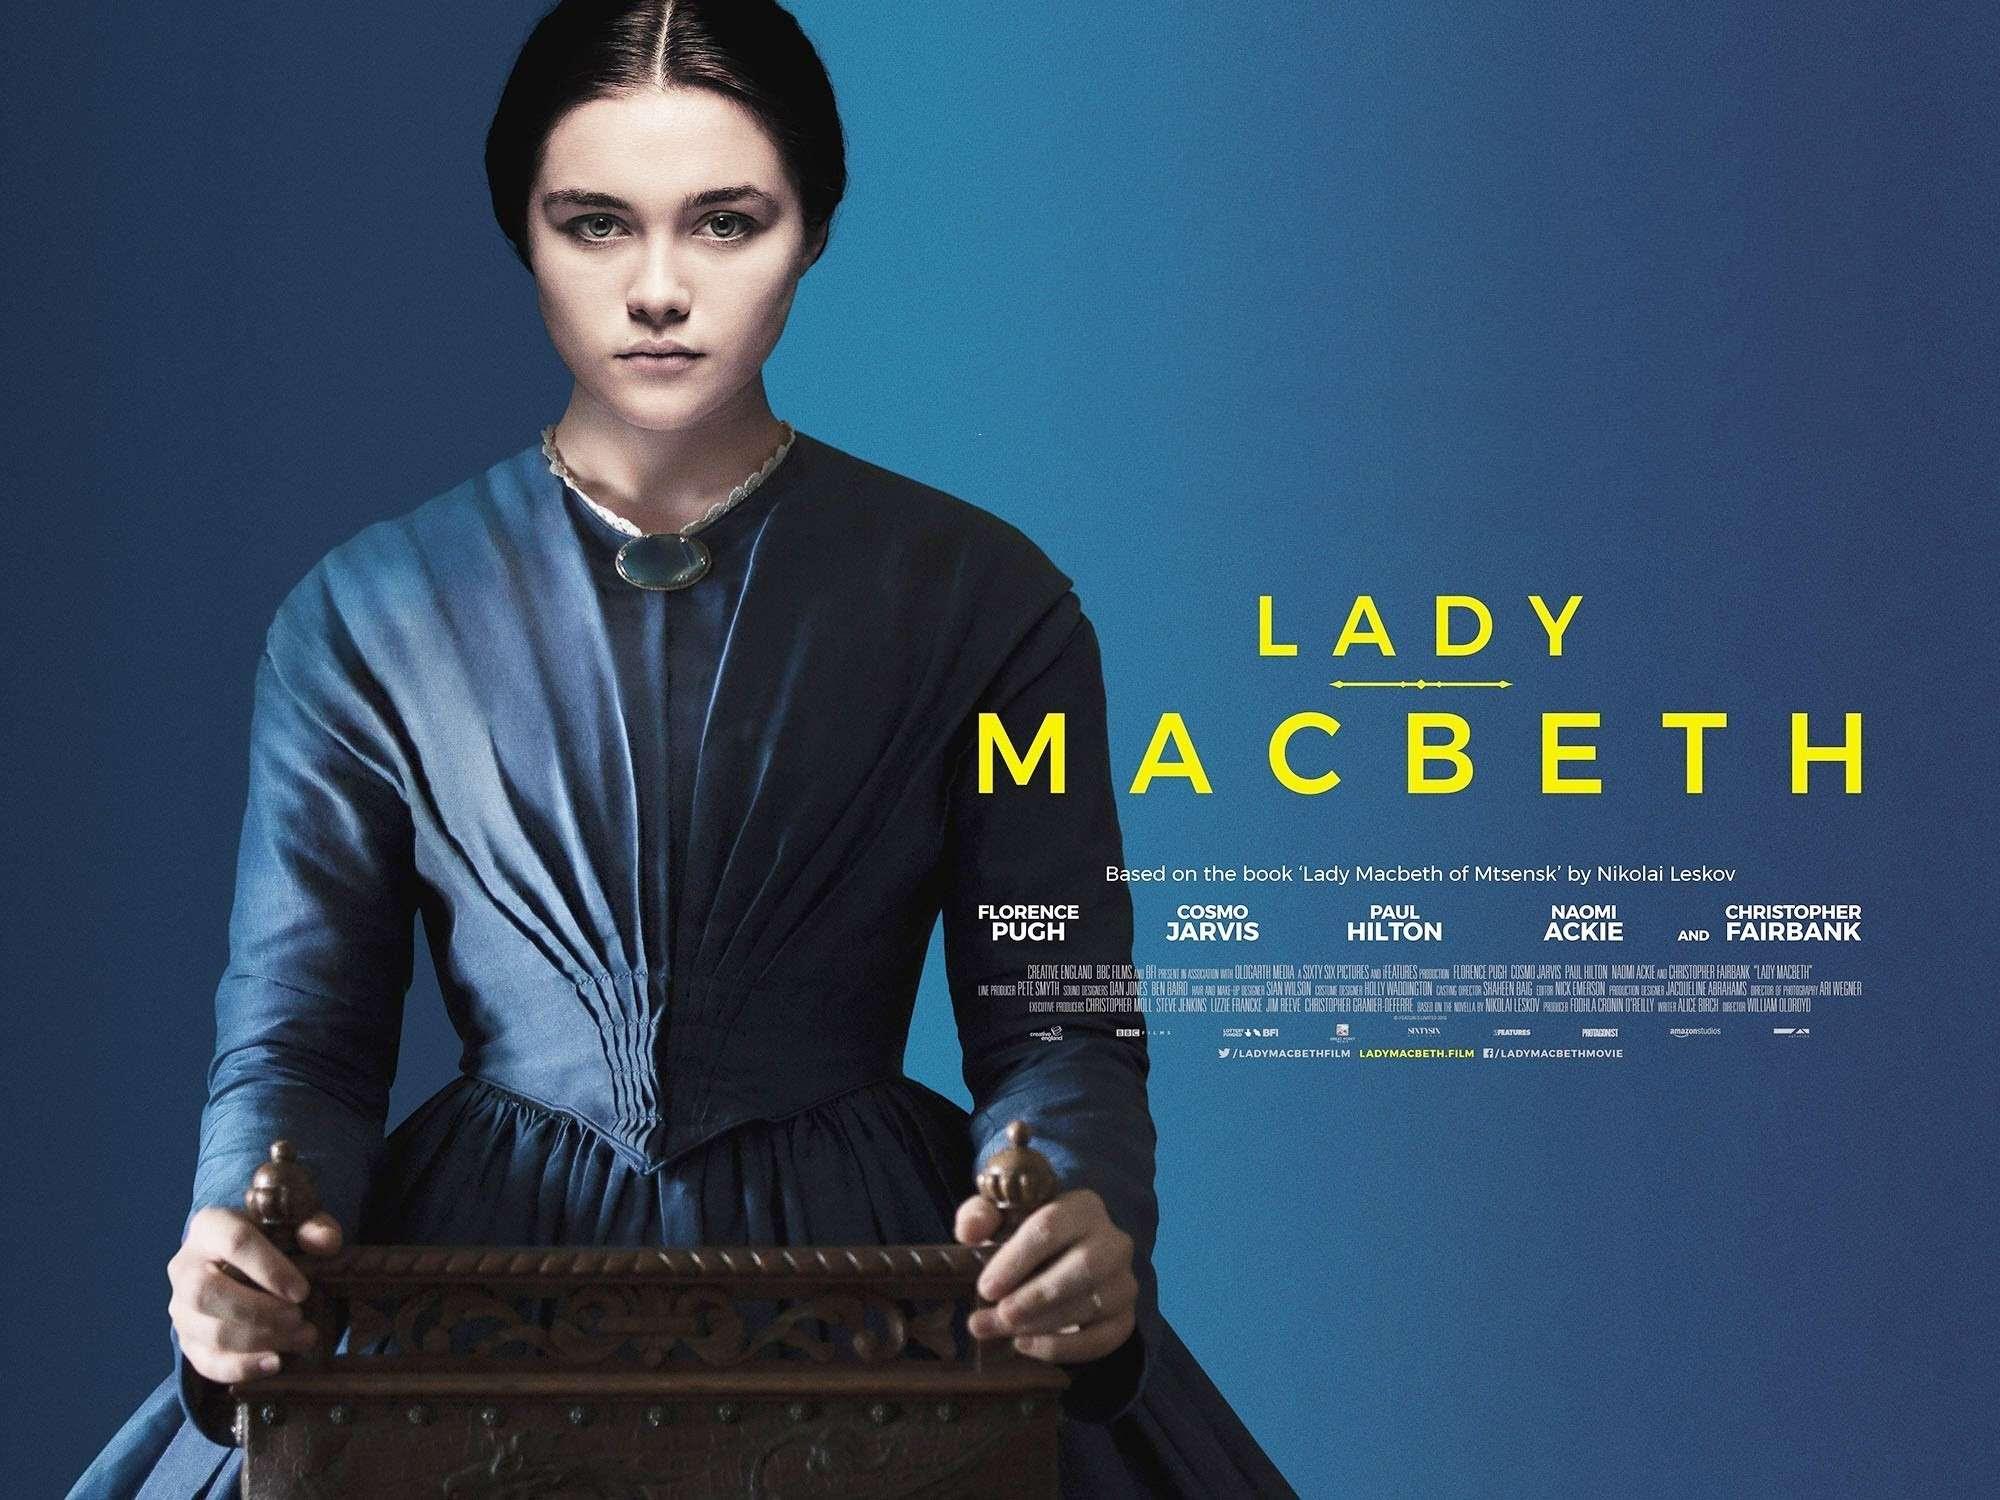 Λαίδη Μάκμπεθ (Lady Macbeth) Poster Πόστερ